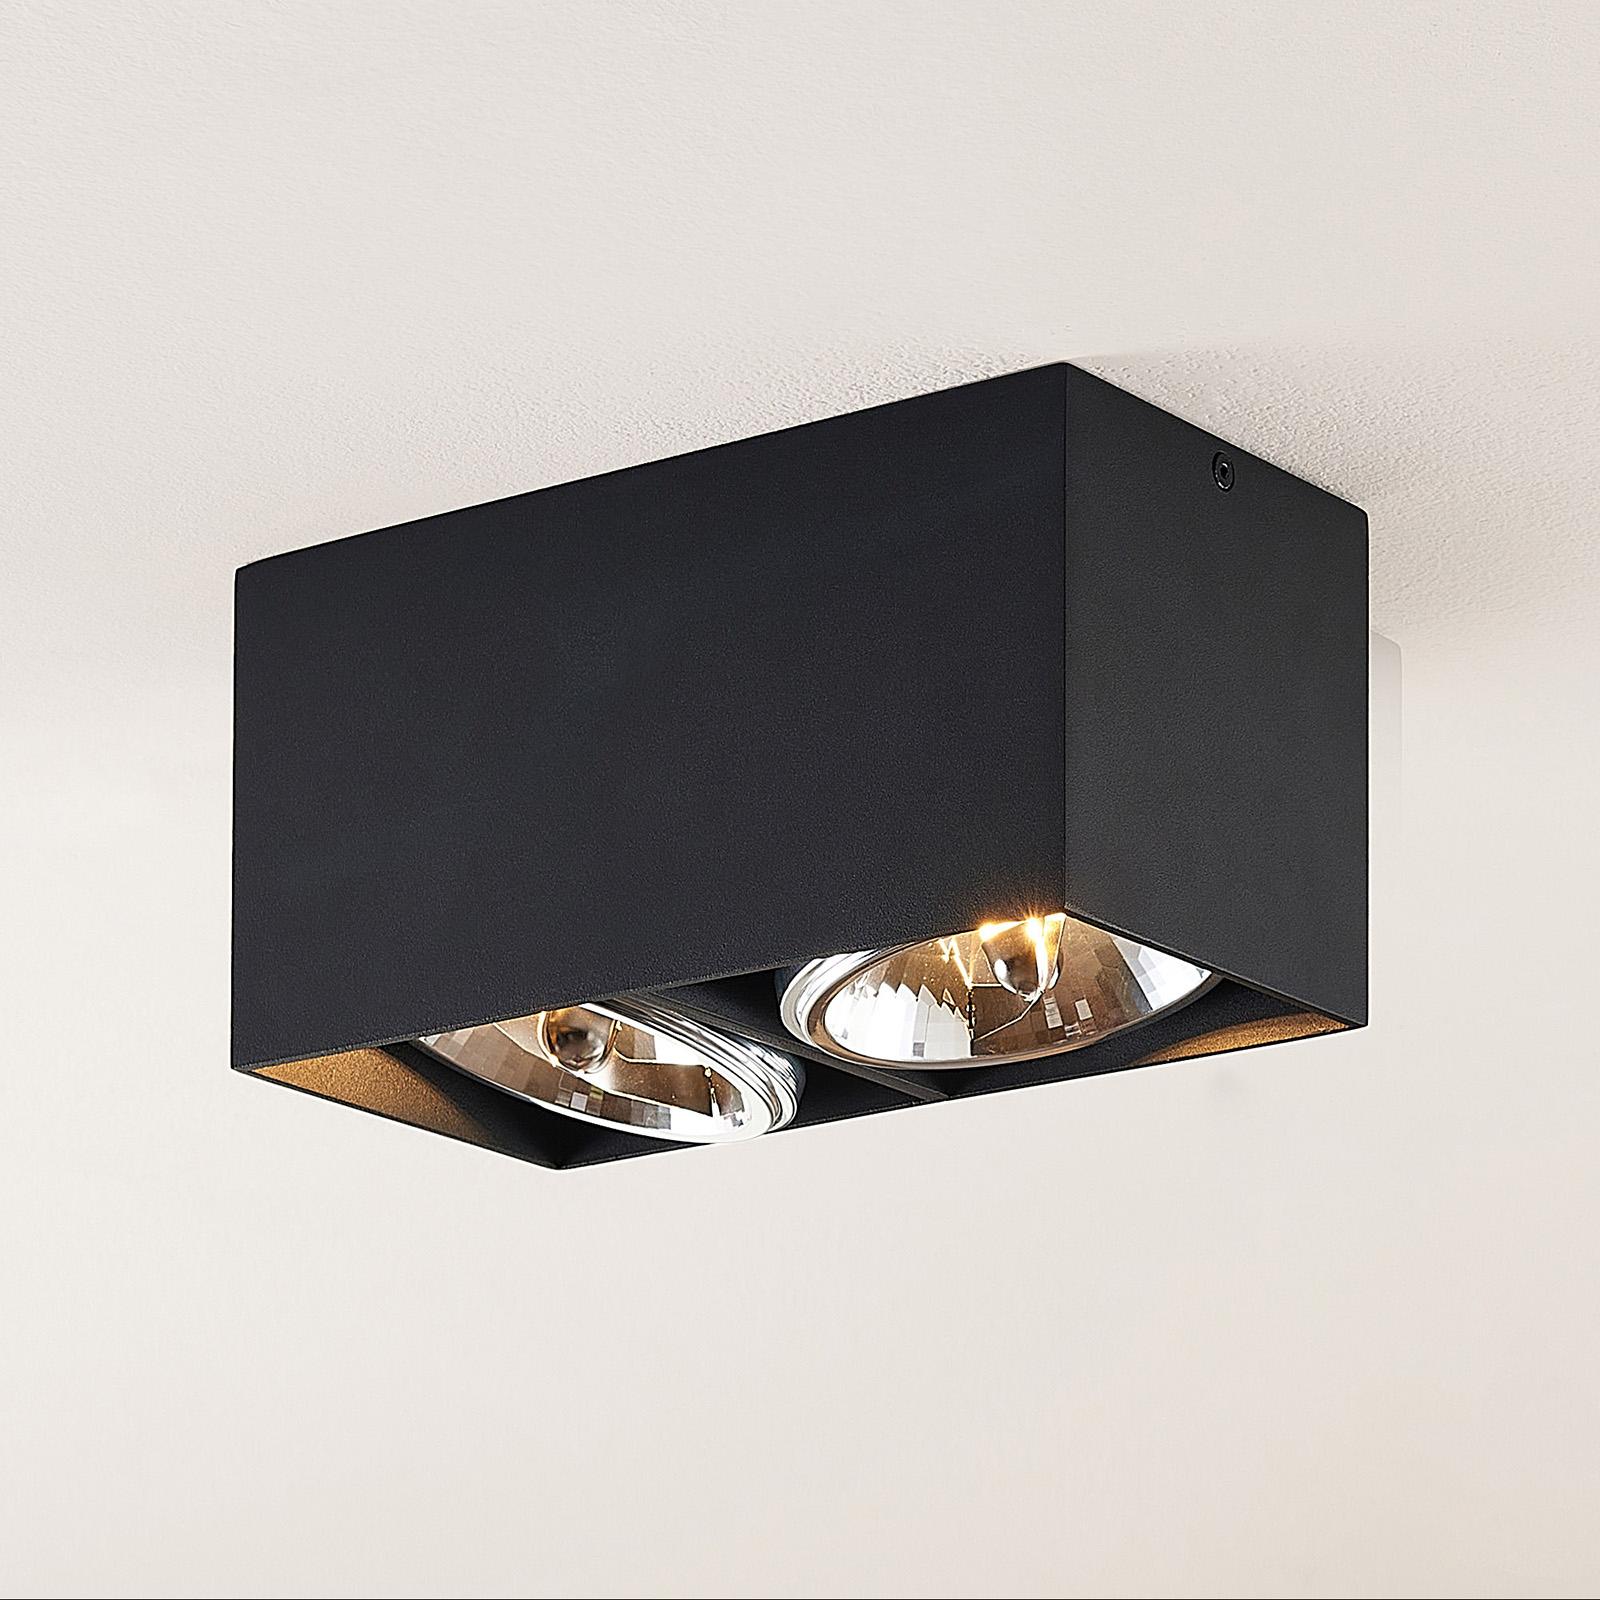 Arcchio Jarle plafondlamp, 2-lamps zwart